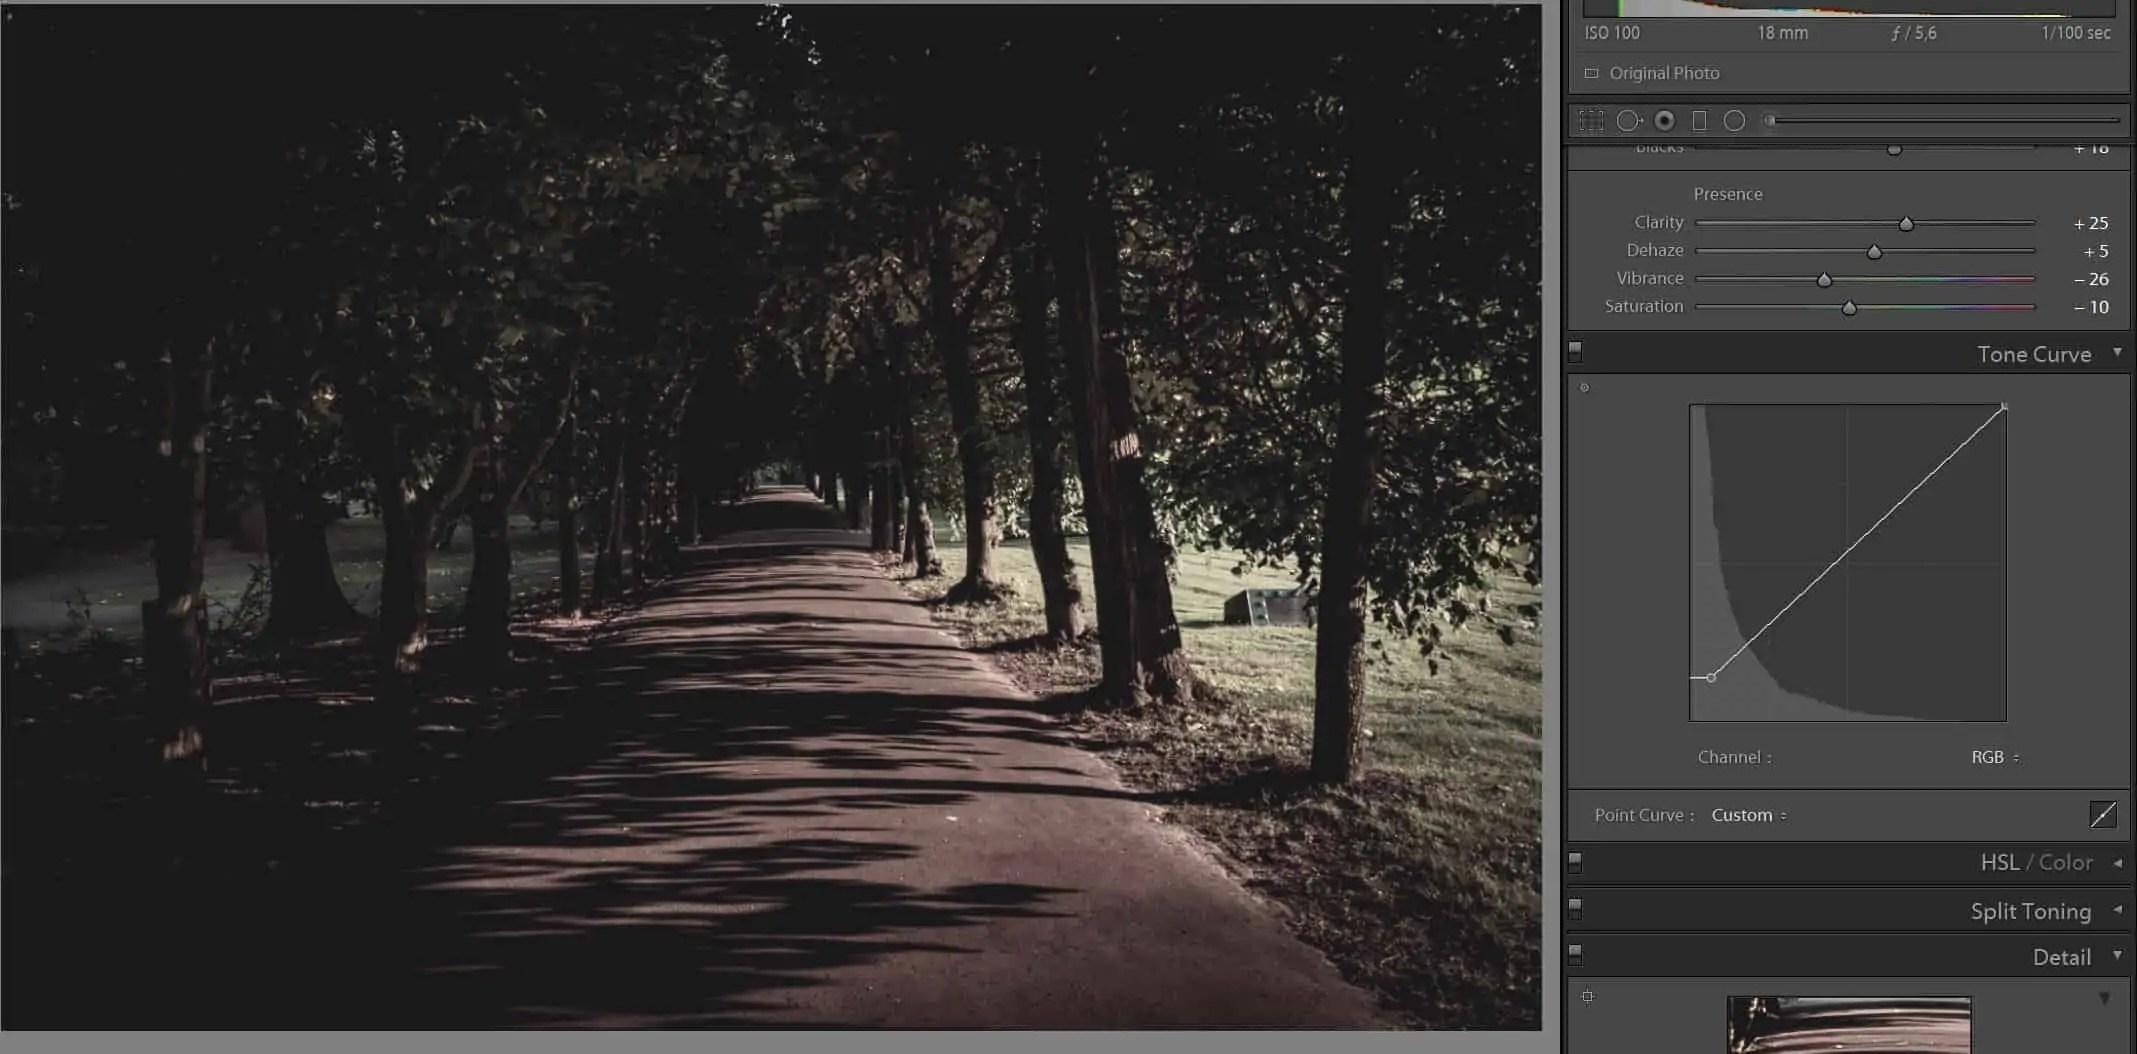 Park Oliwskiejak w filmie zdjecie originalne PO wykorzystanie krzywych - Filmowe zdjęcie ? Wystarczy 1 krok, aby je zrobić !